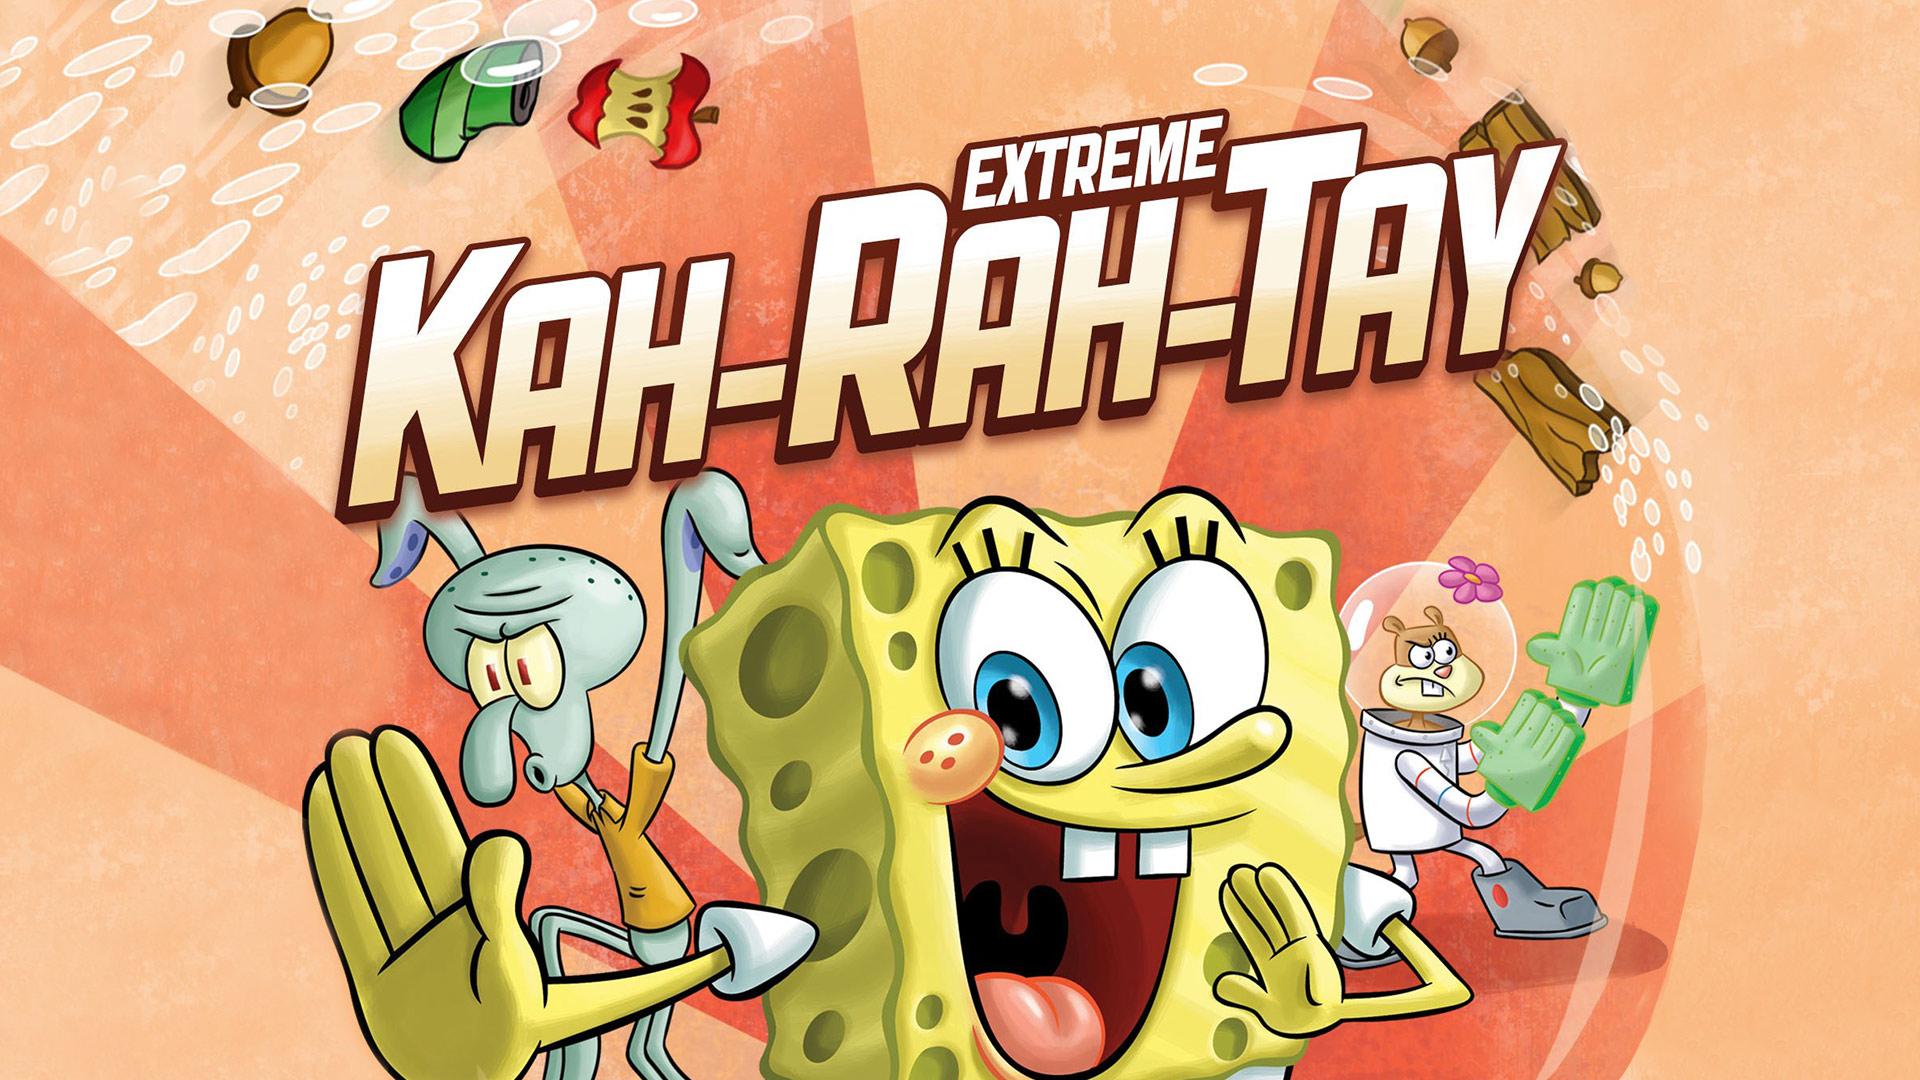 SpongeBob SquarePants: SpongeBob's Extreme Kah-Rah-Tay